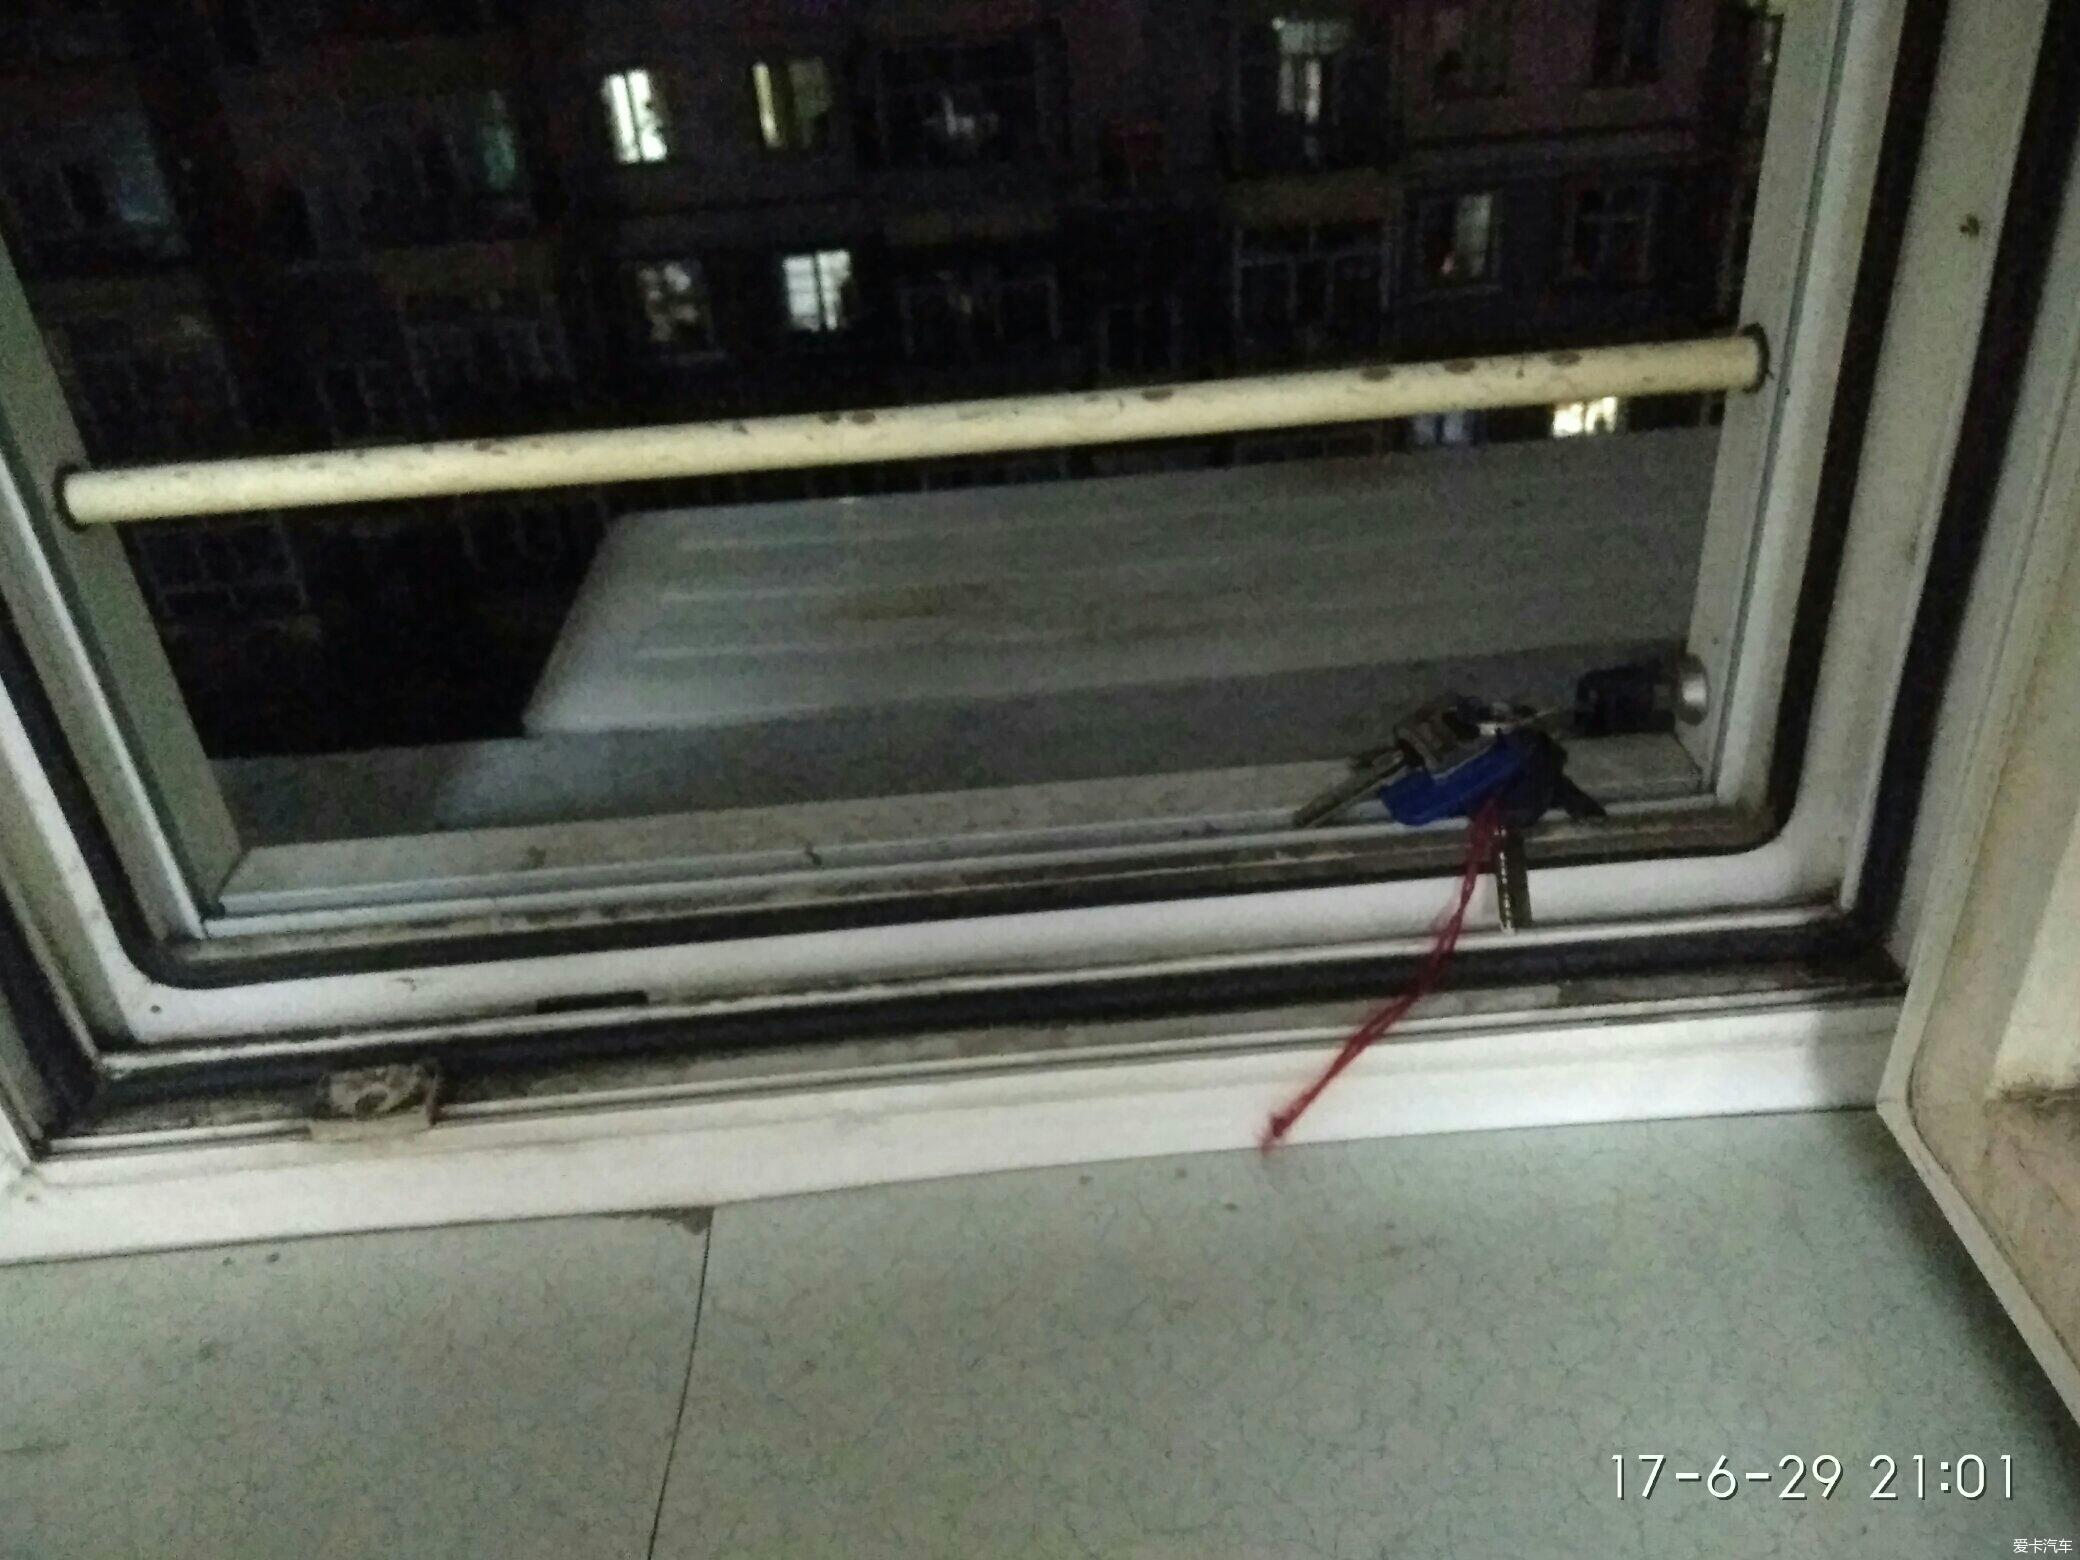 > 监狱啊,顺便改空调排水管